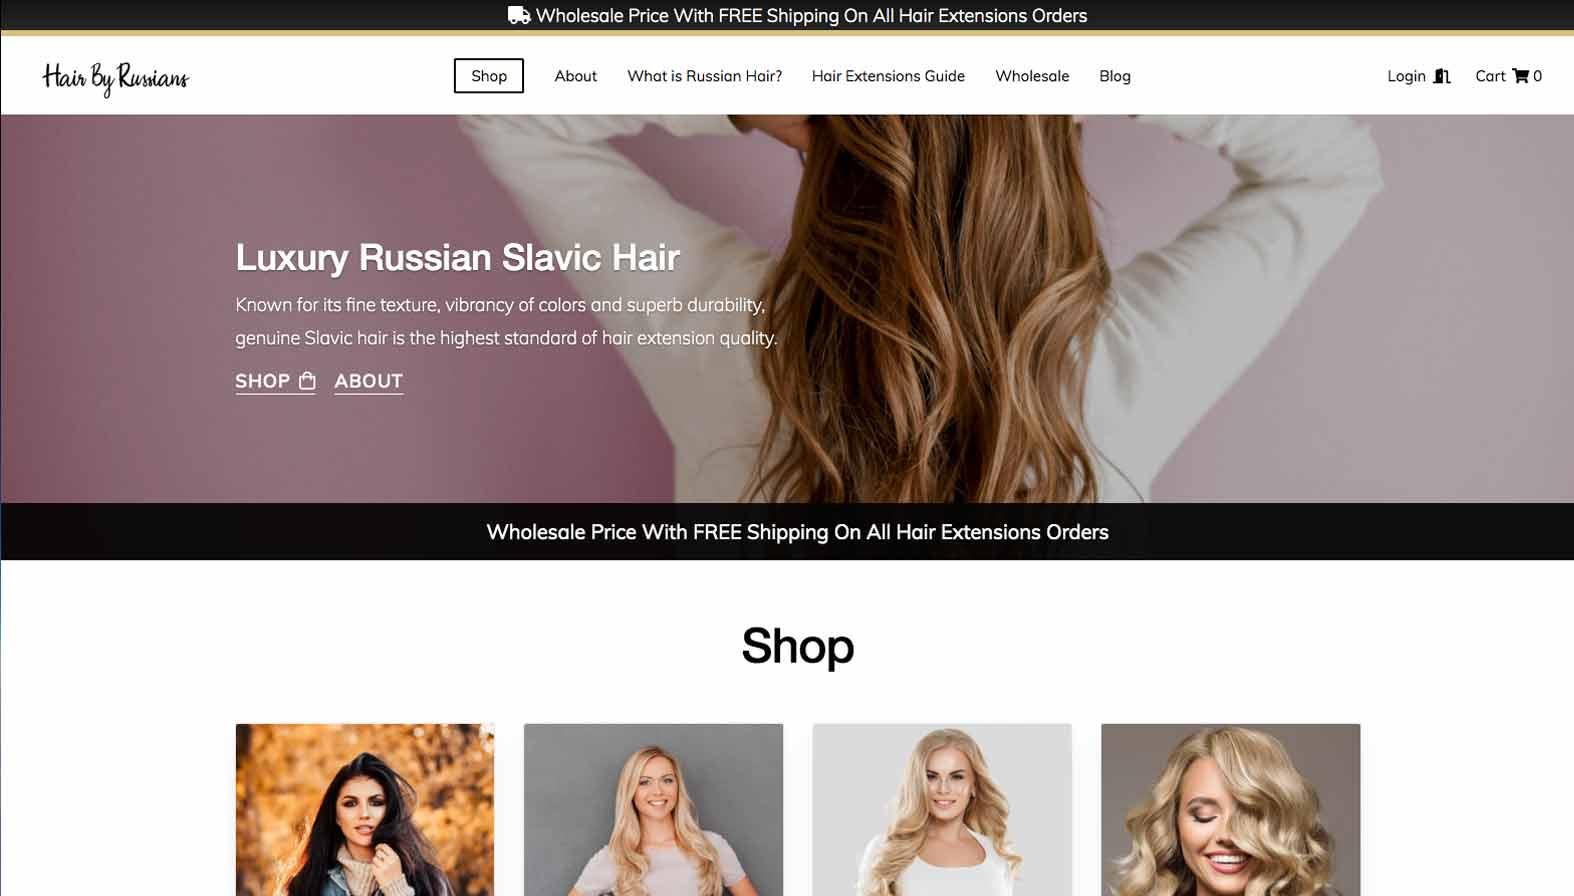 Hair by Russians Desktop Screenshot